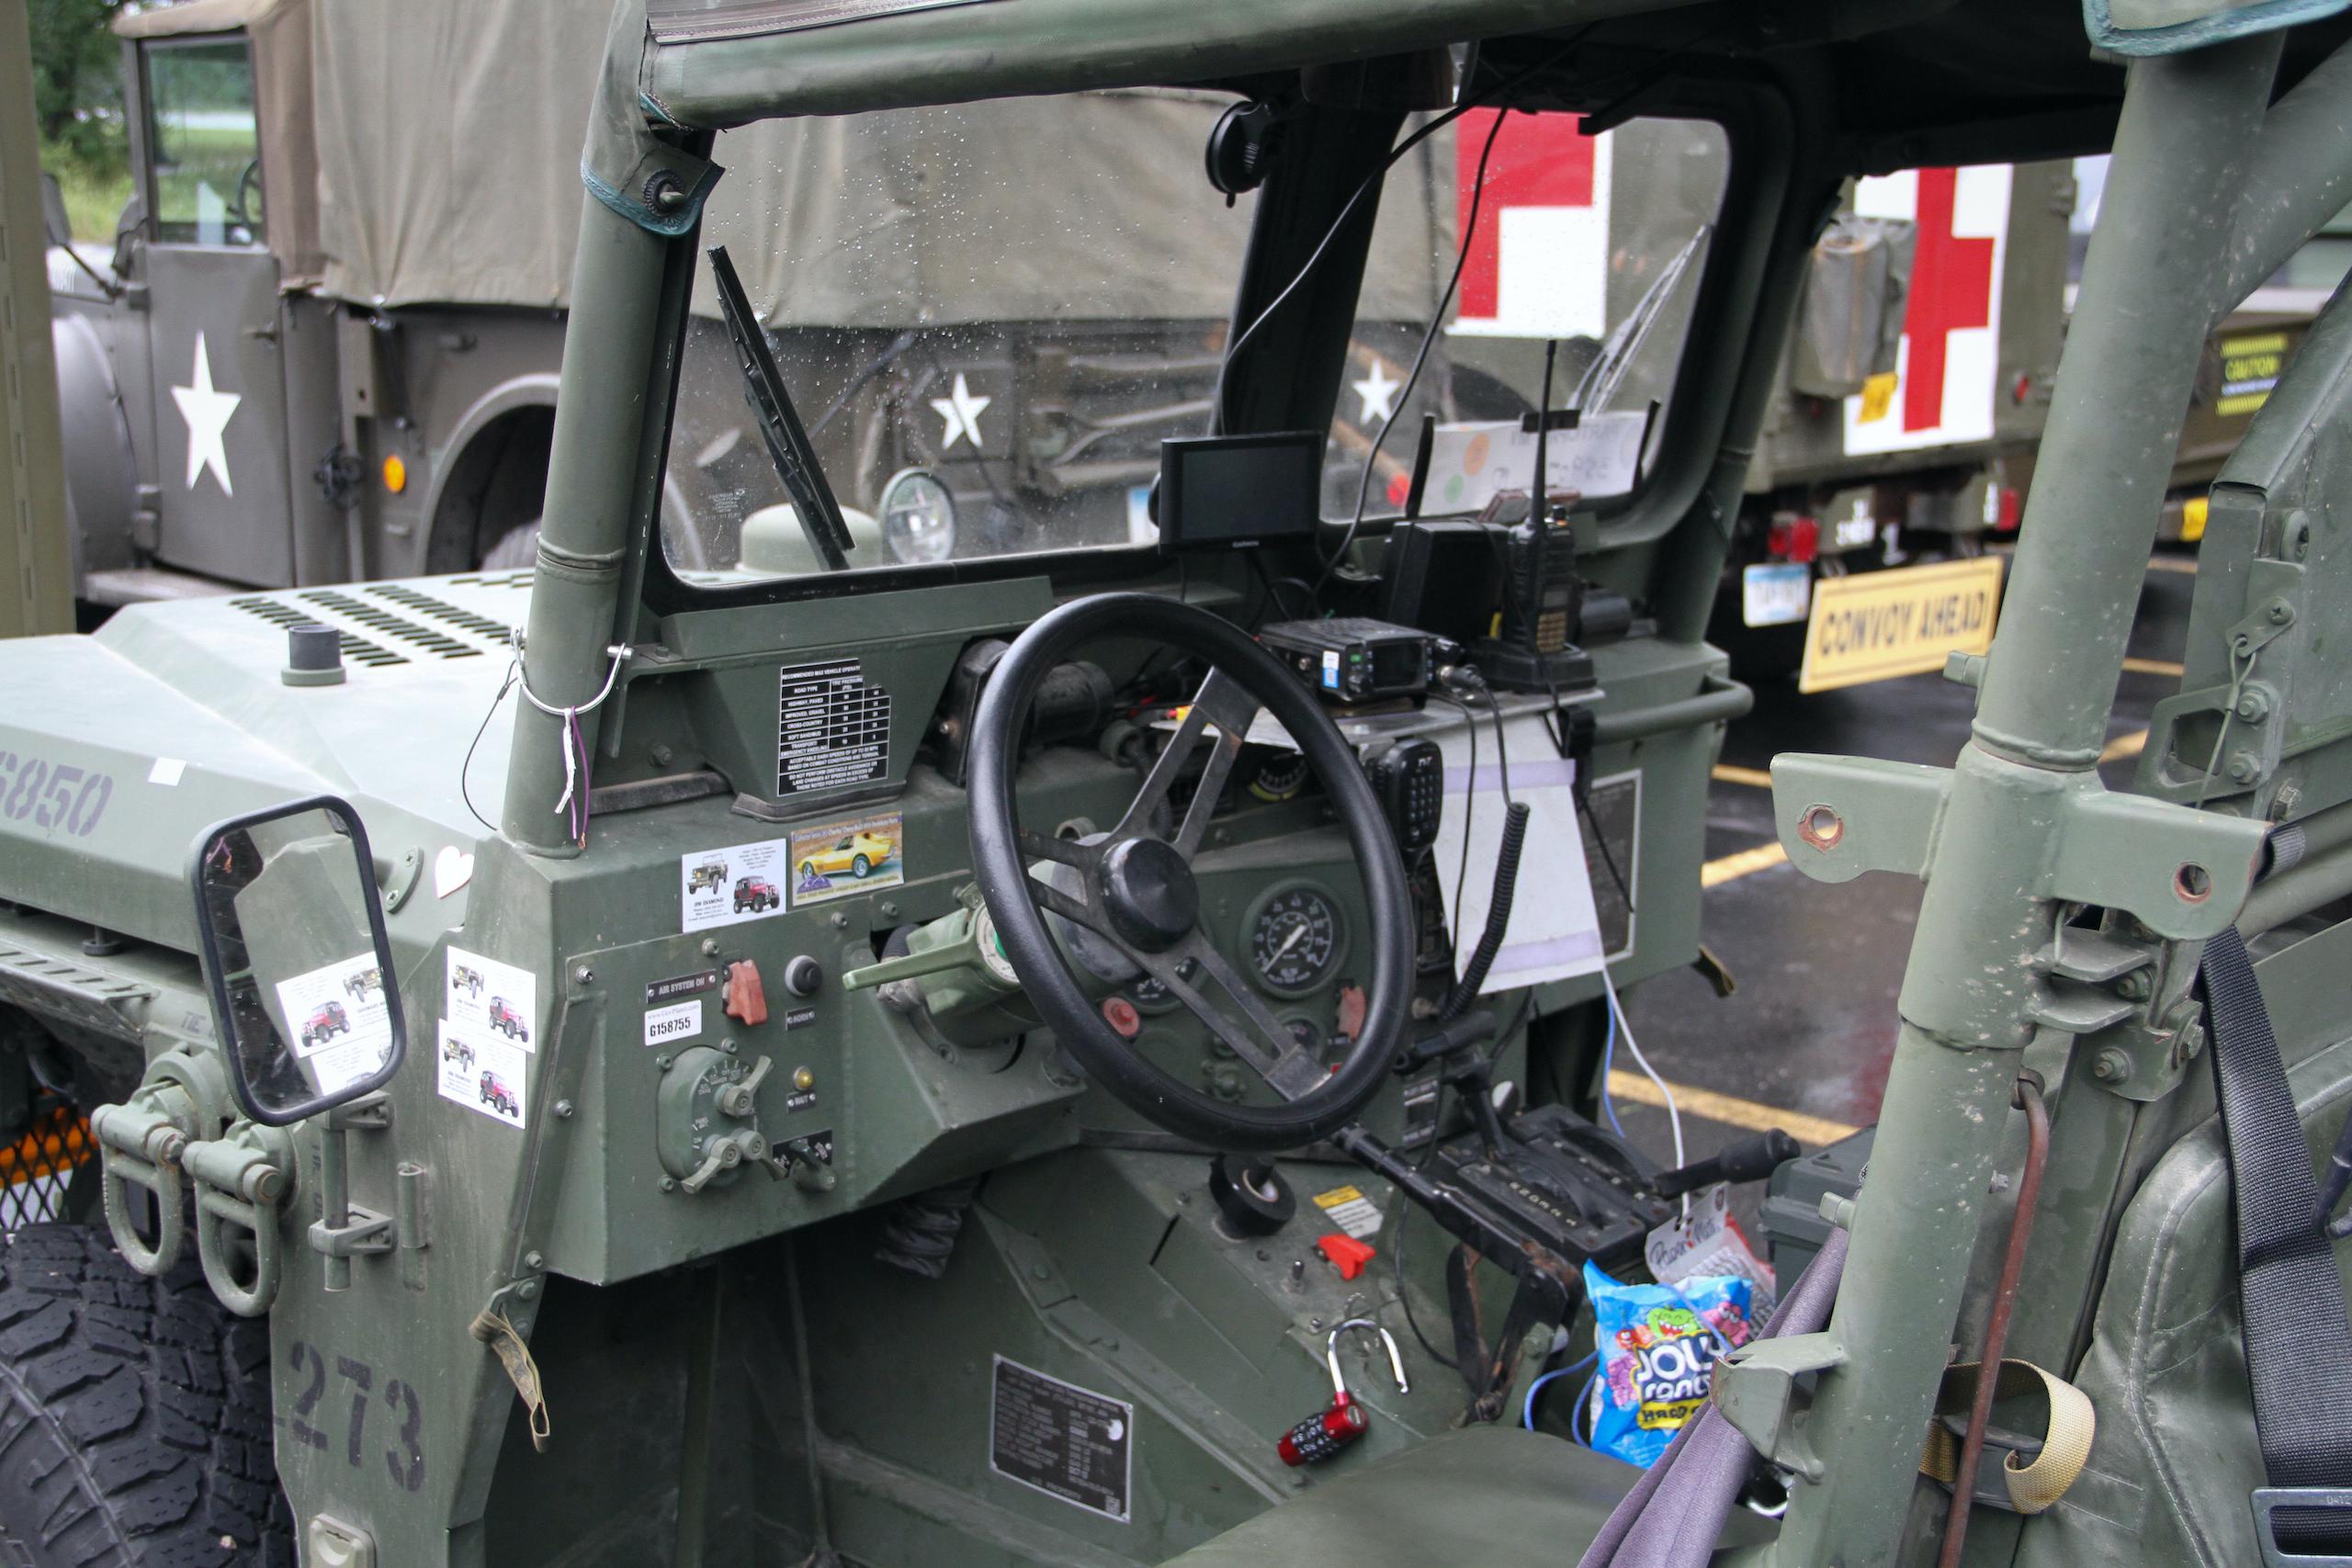 Military vehicle convoy usmc interior